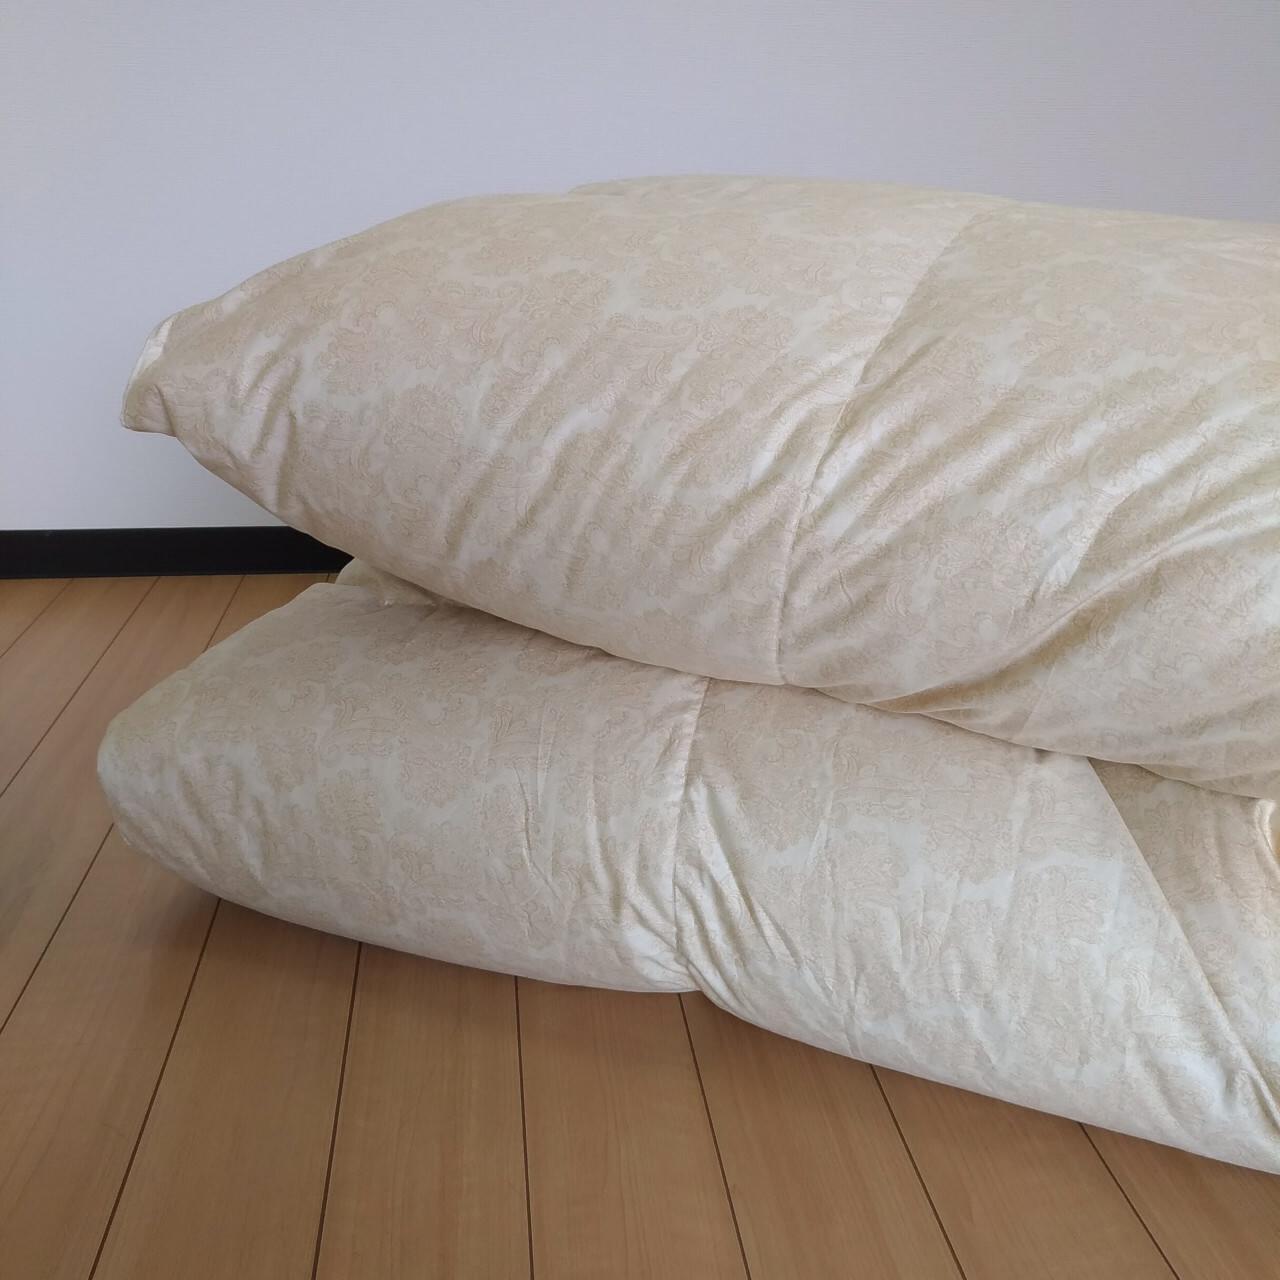 Q-羽毛掛ふとん 【マース】 クイーン ハンガリーホワイトグースダウン-CONキルト (80サテン/1.9kg)